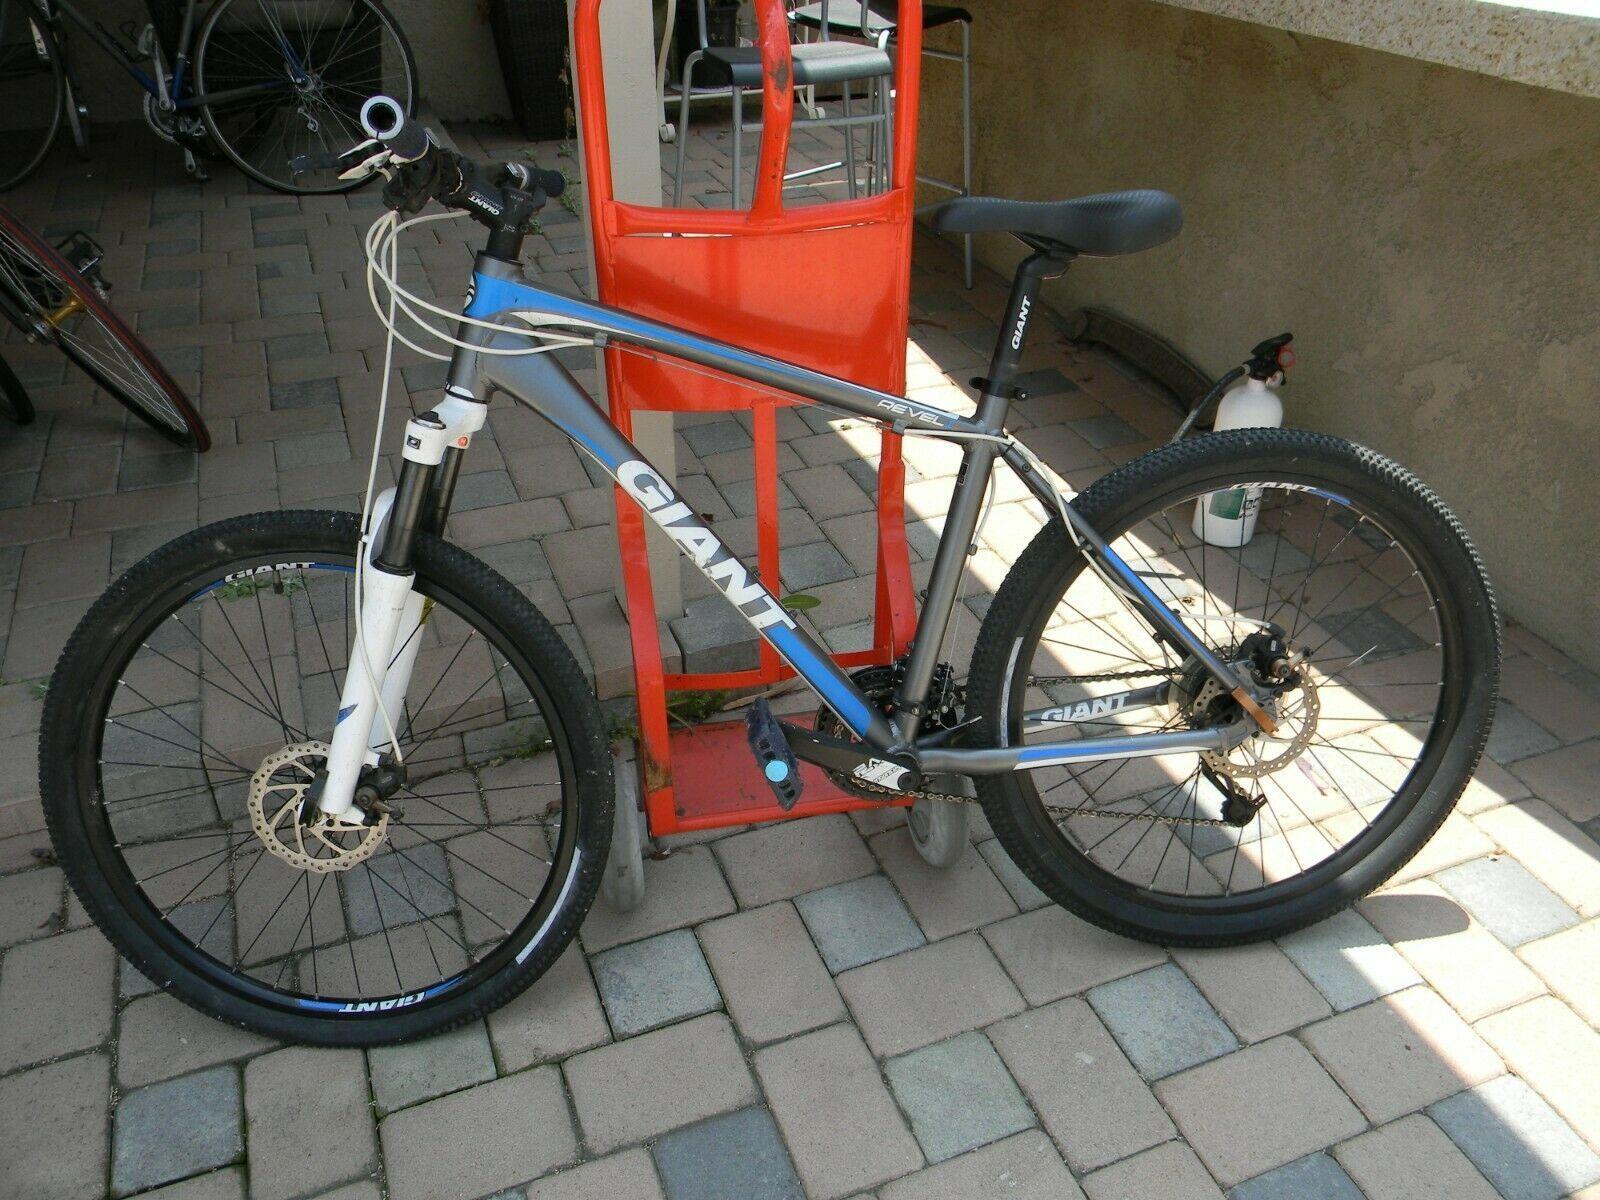 Giant Revel 1 Disc Mountain Bike 24 Speed Mountain Bike Ideas Of Mountain Bike Mountainbike Bike Bicycle Giant Revel 1 D Bicycle Bicycle Chains Bike